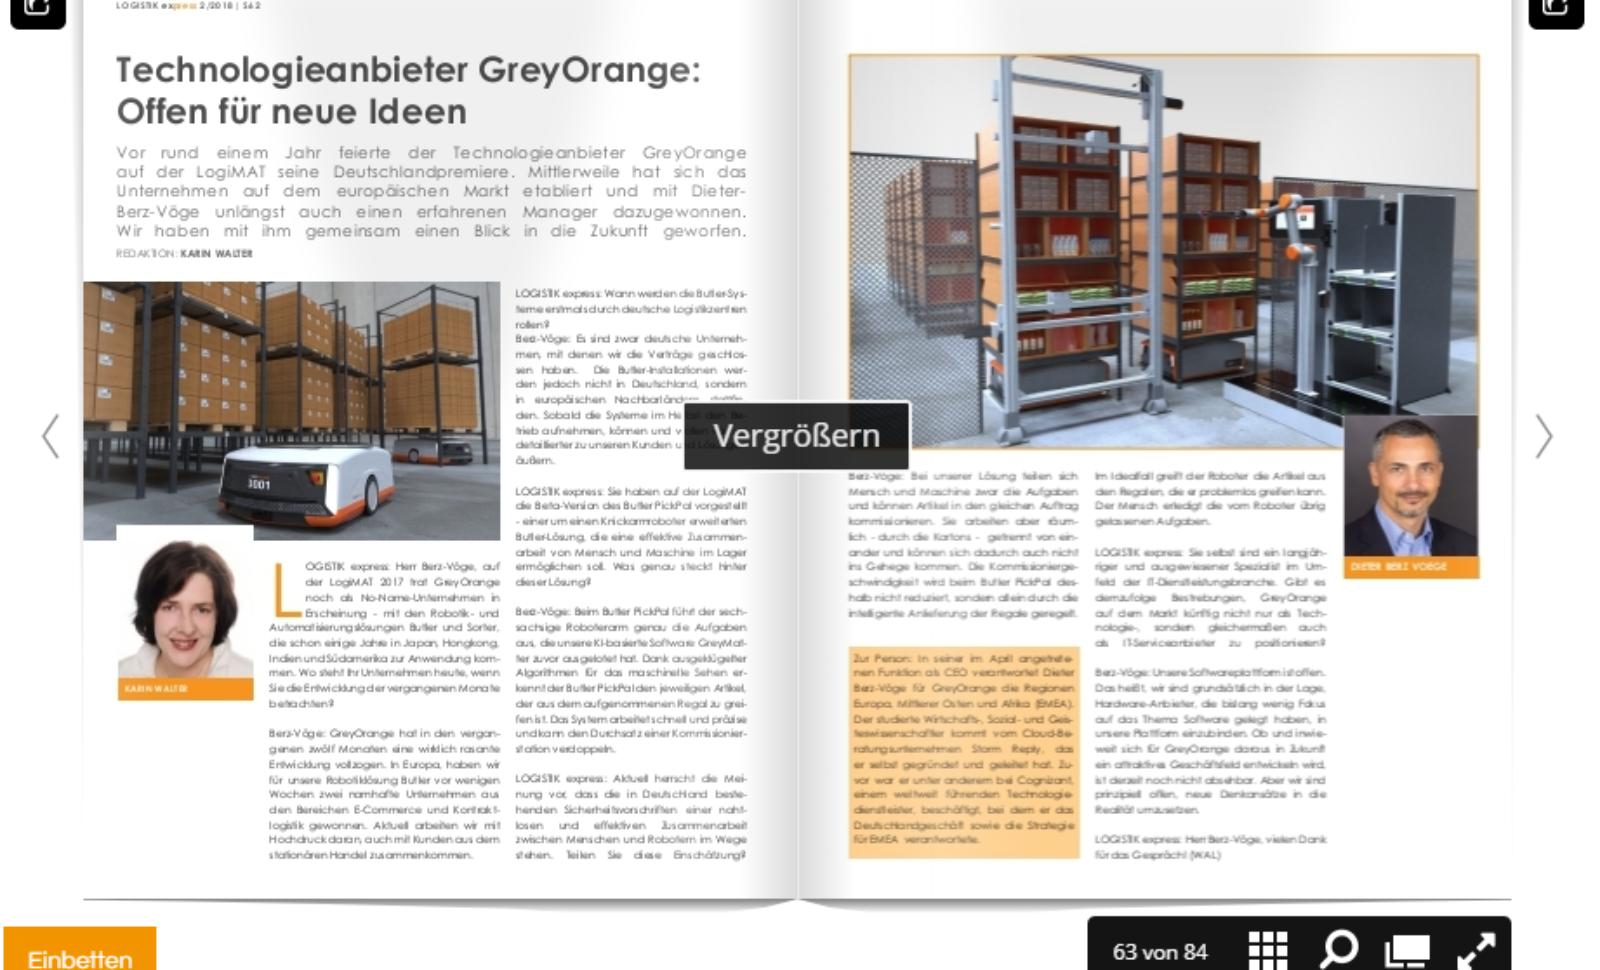 Technologieanbieter GreyOrange: Offen für neue Ideen